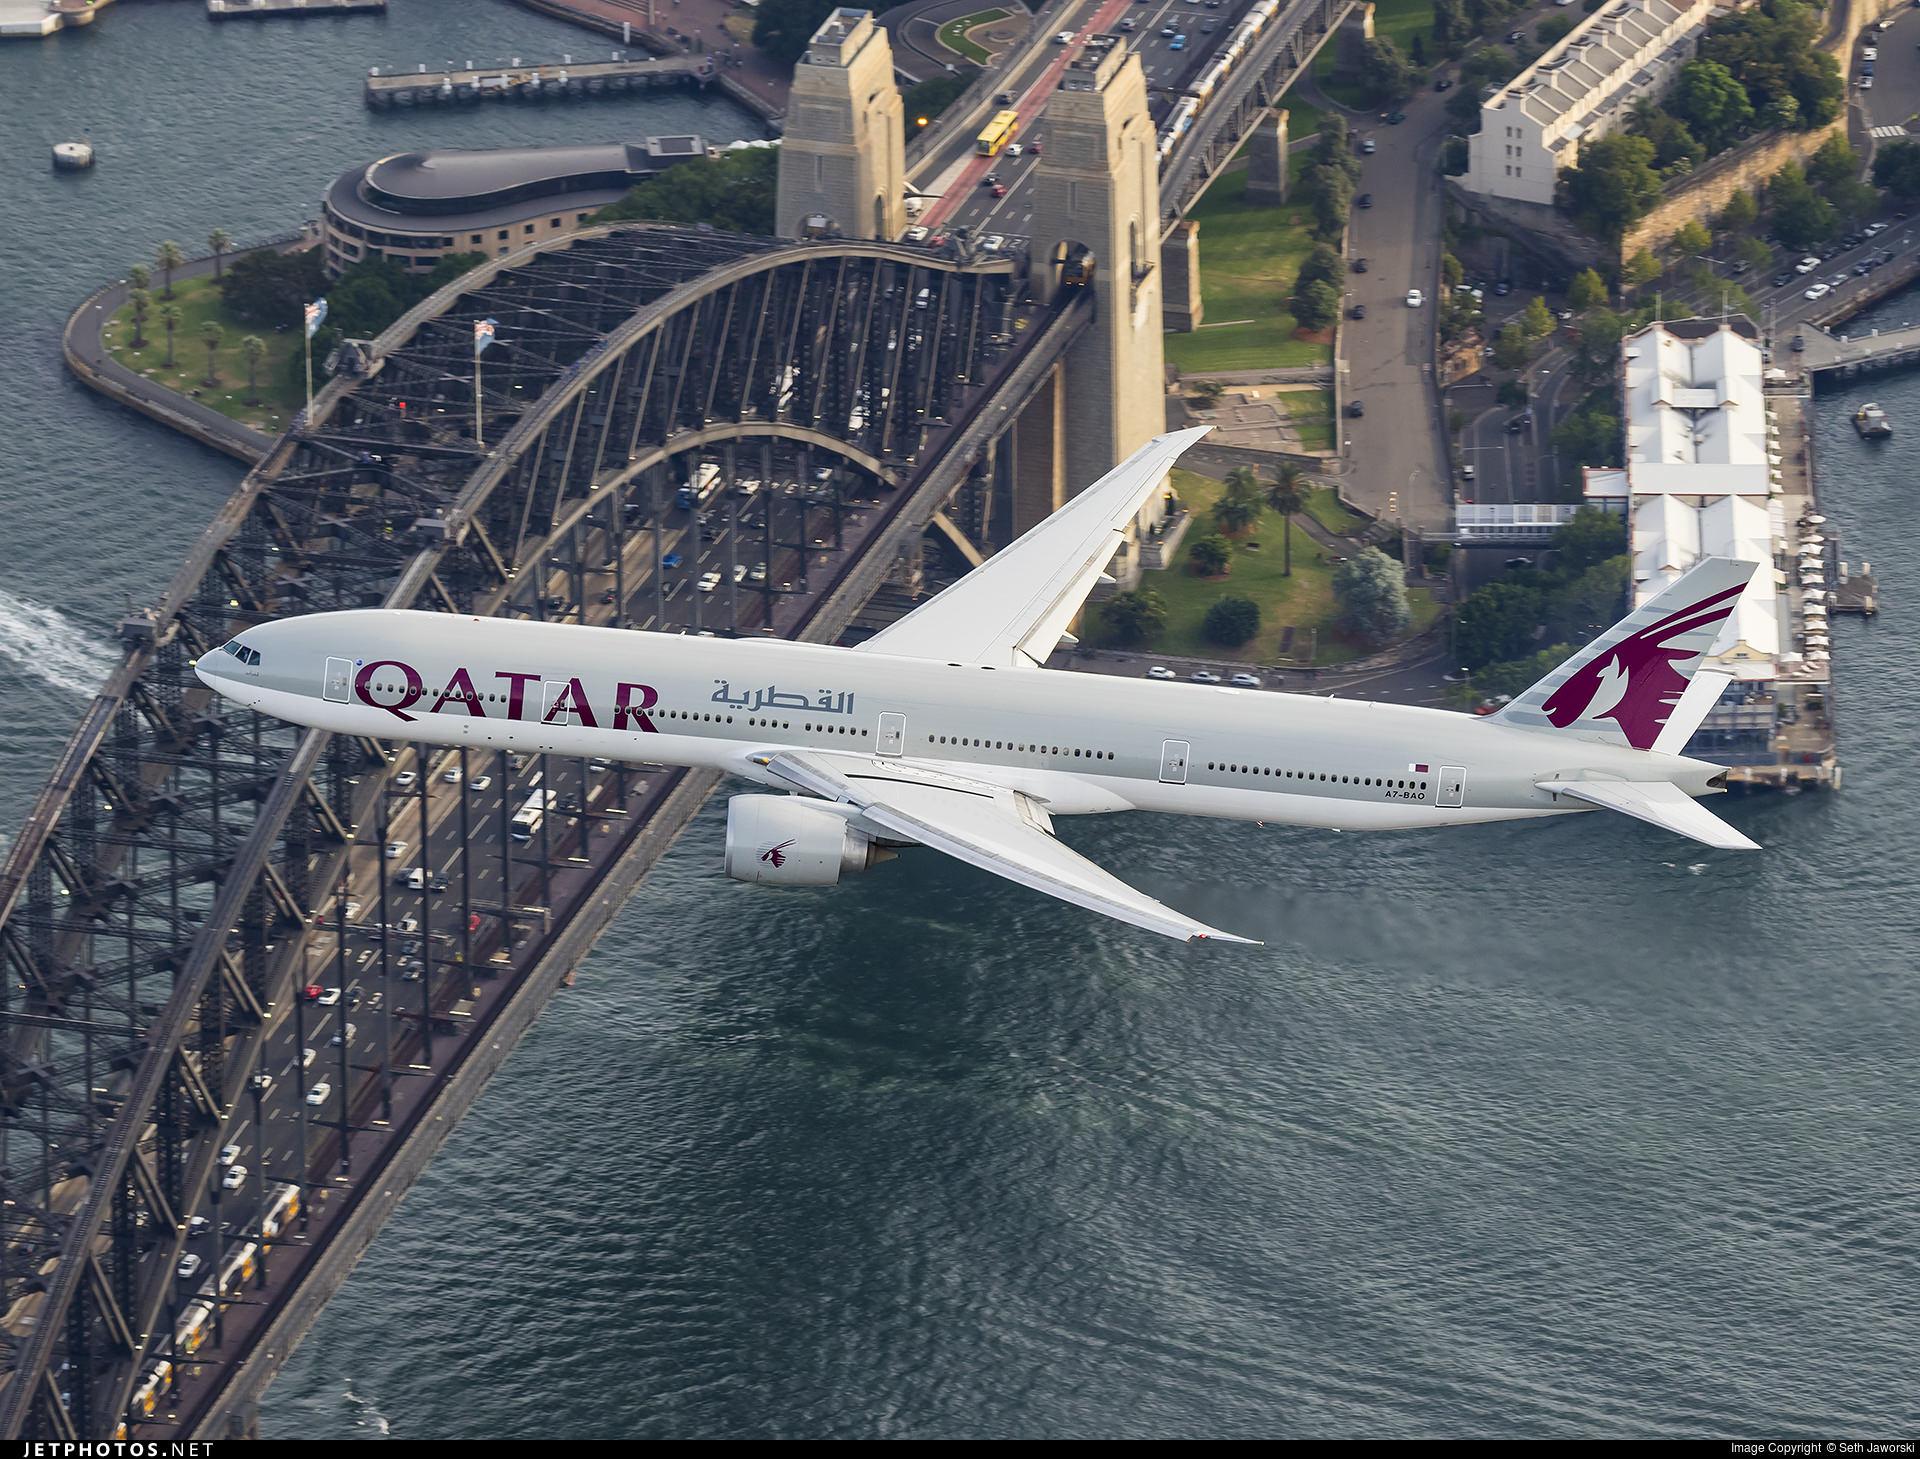 Qatar in Sydney